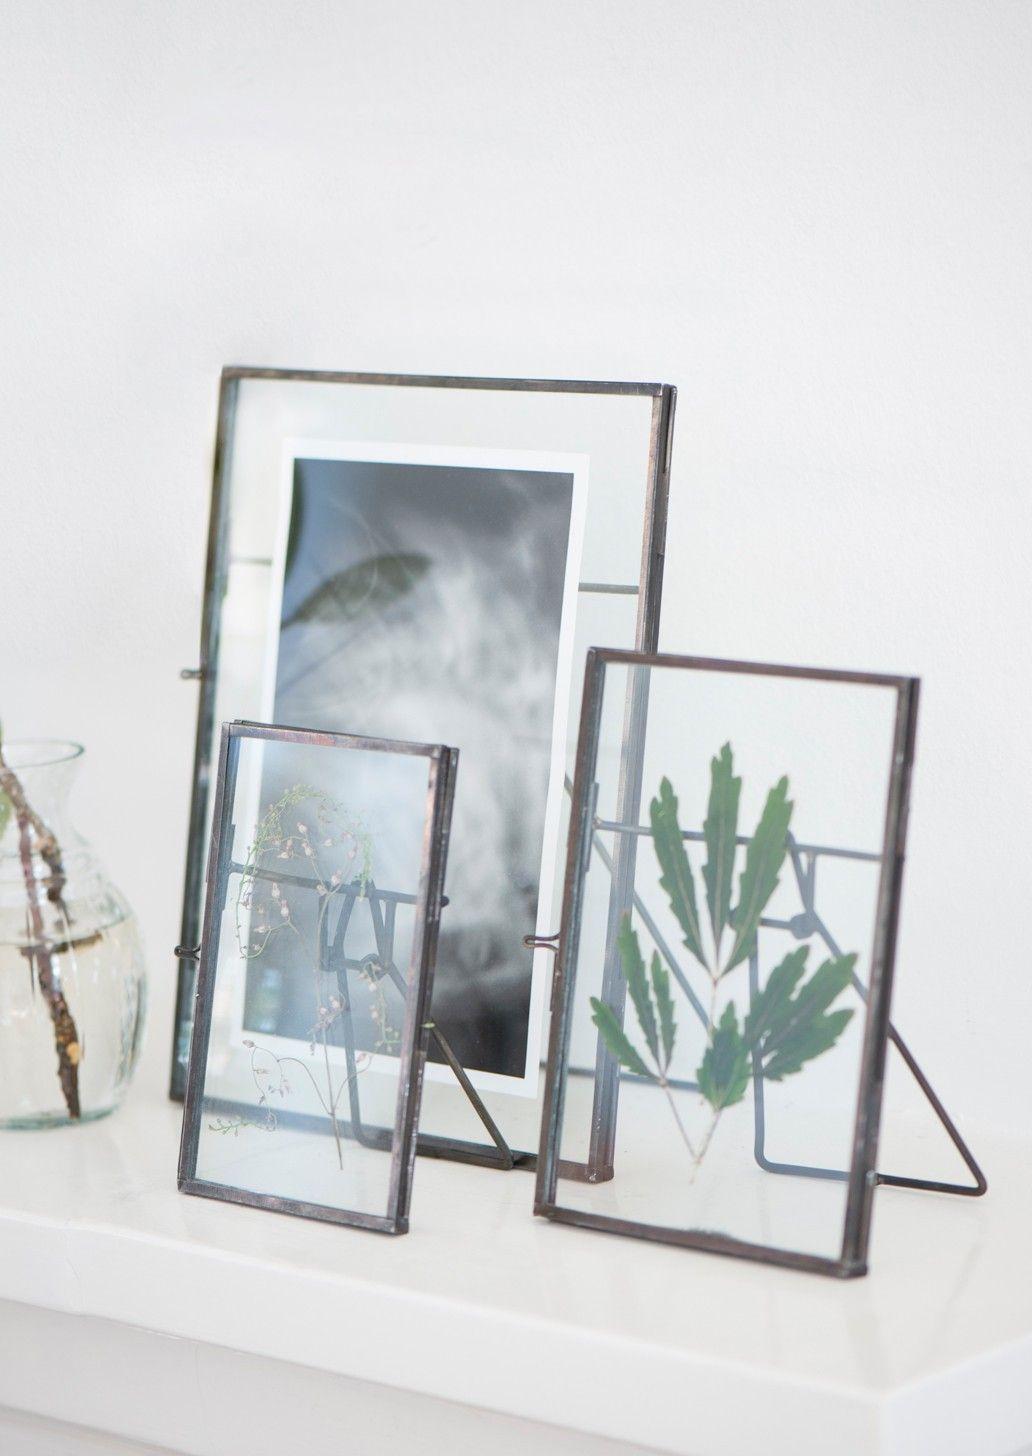 Steh-Bilderrahmen | Buy me | Pinterest | Bilderrahmen